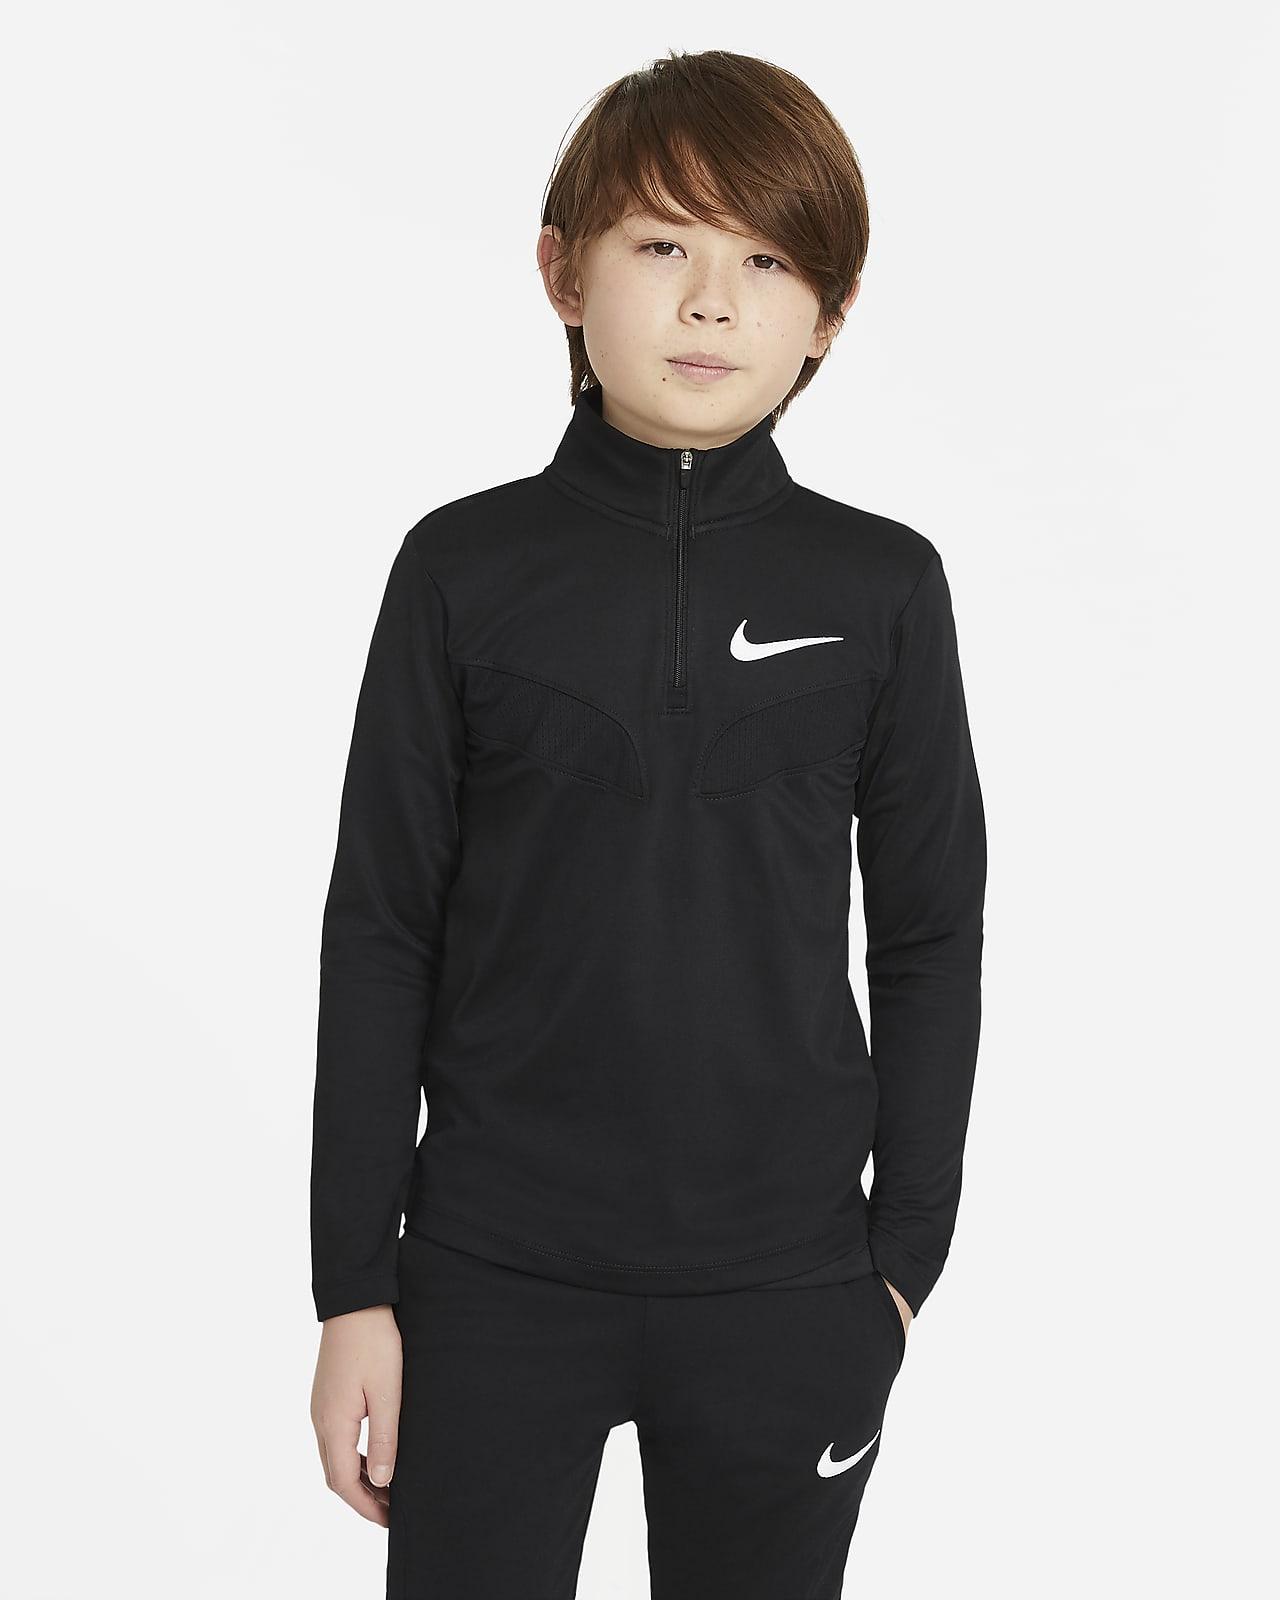 Μακρυμάνικη μπλούζα προπόνησης Nike Sport για μεγάλα αγόρια